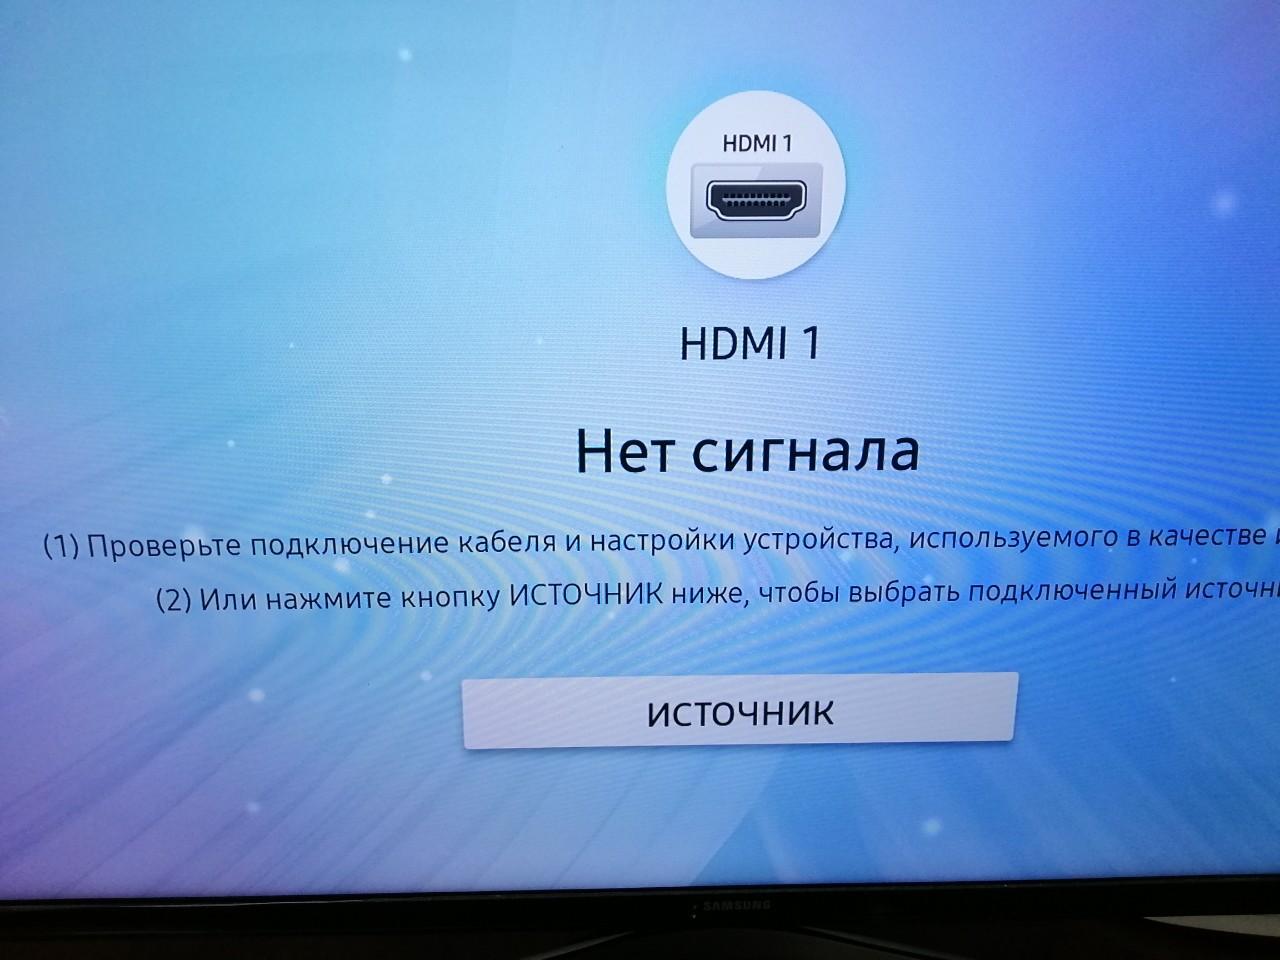 """""""Нет сигнала"""" HDMI на телевизоре Samsung"""